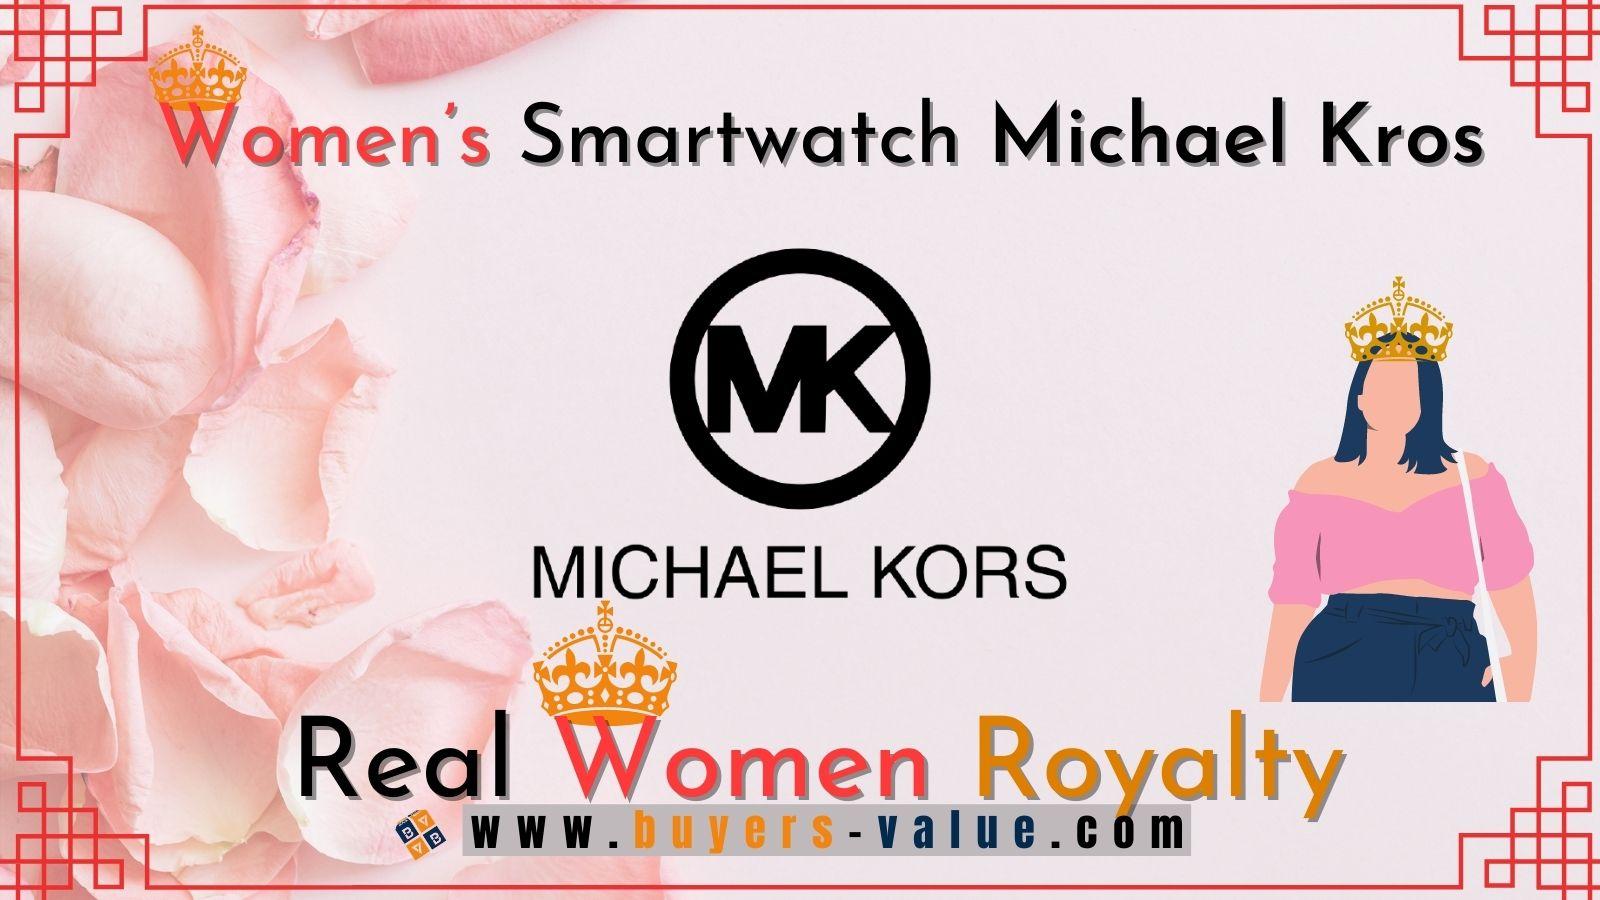 Women's Smartwatch Michael Kros